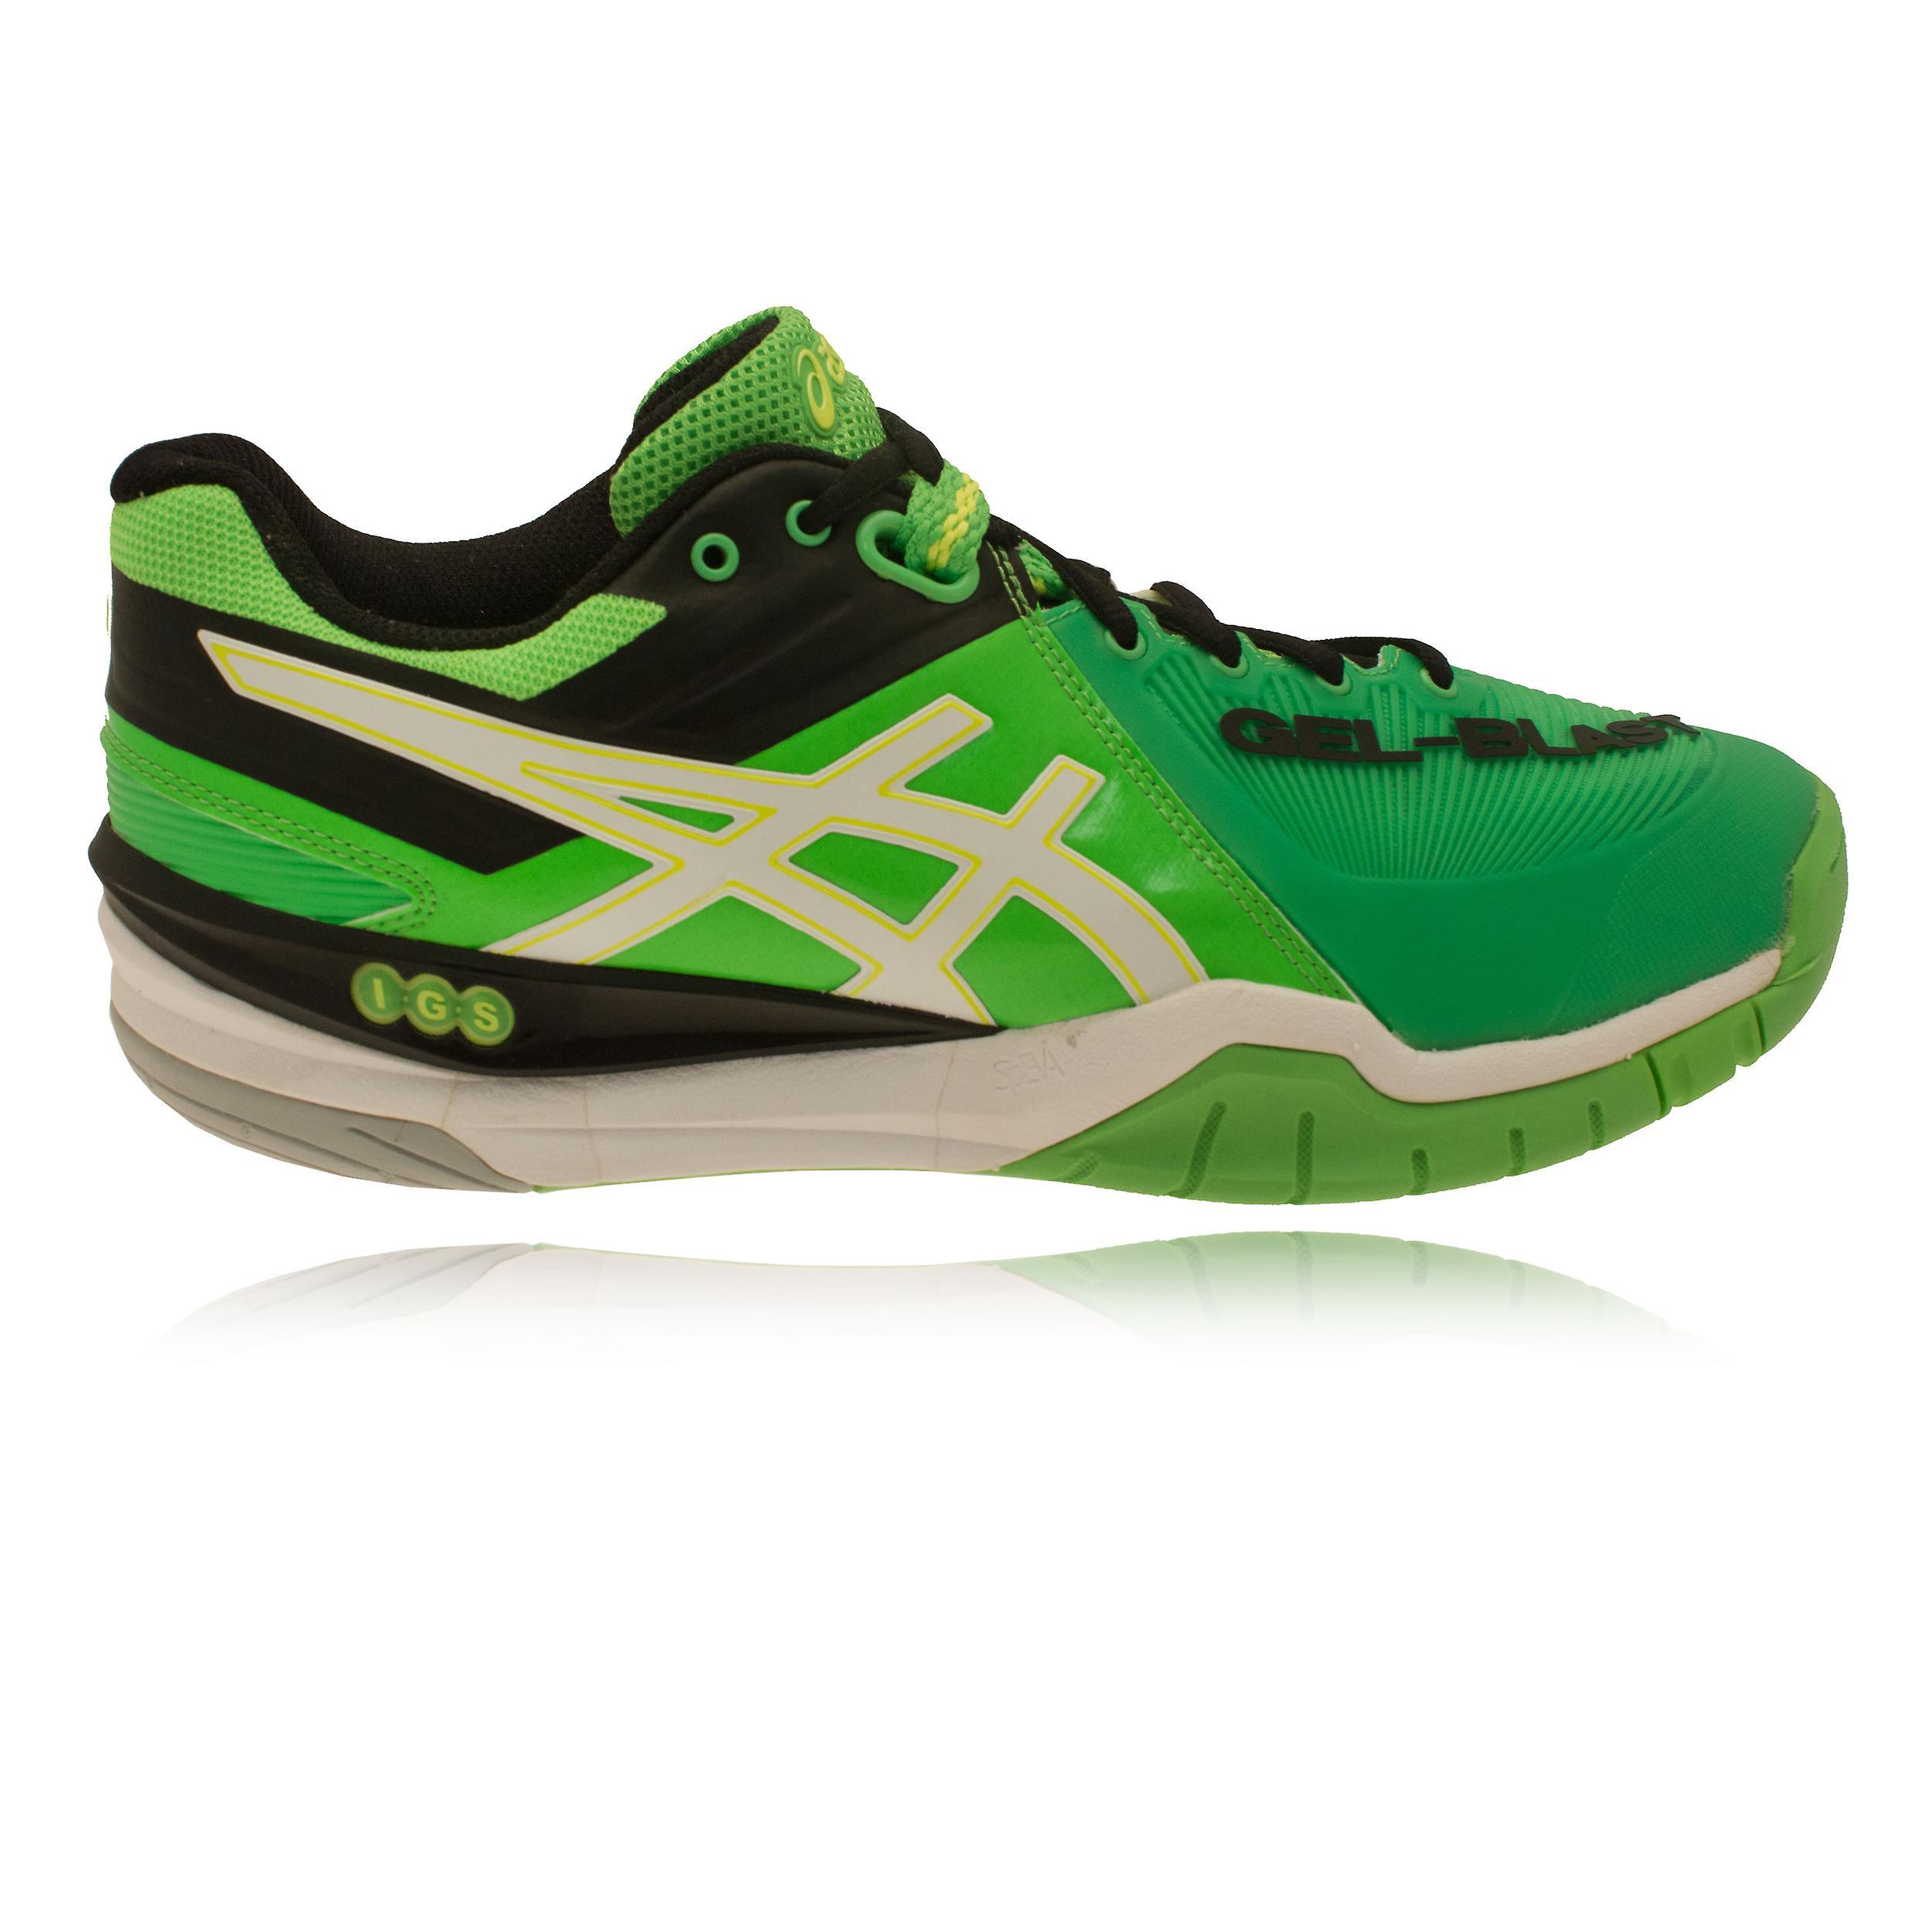 énorme réduction c5073 7b4ba ASICS GEL BLAST 6 Indoor Court Shoes